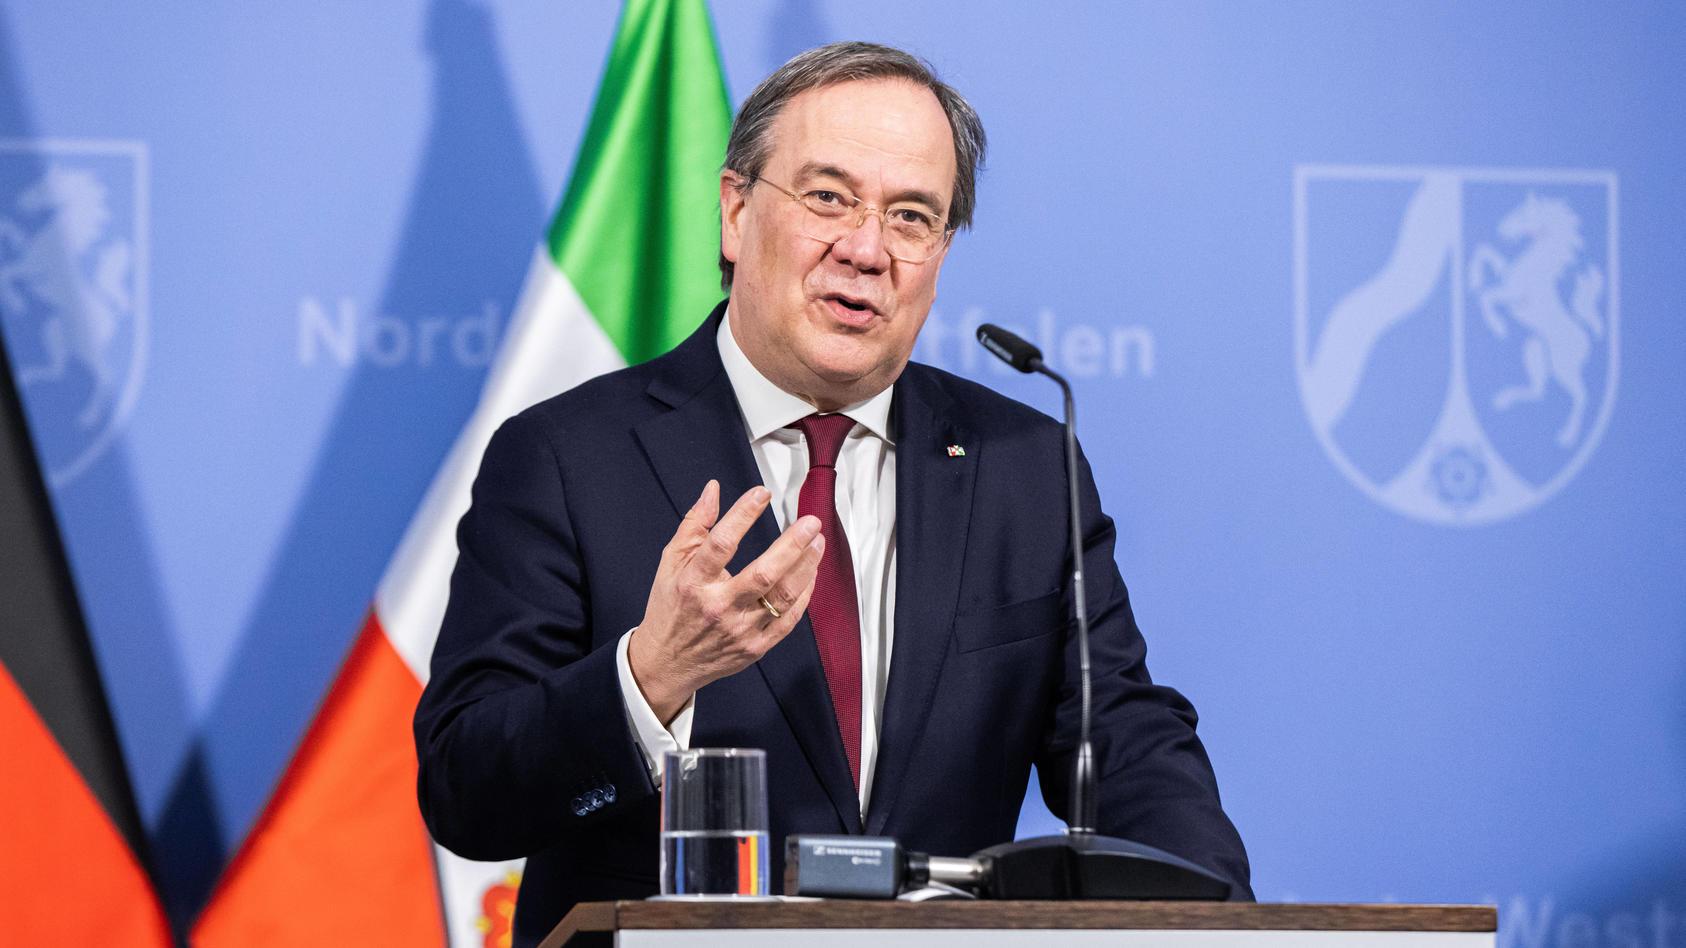 News Bilder des Tages Coronavirus - Landesregierung NRW Armin Laschet (CDU), MinisterprÃ…Â¡sident von Nordrhein-Westfalen,